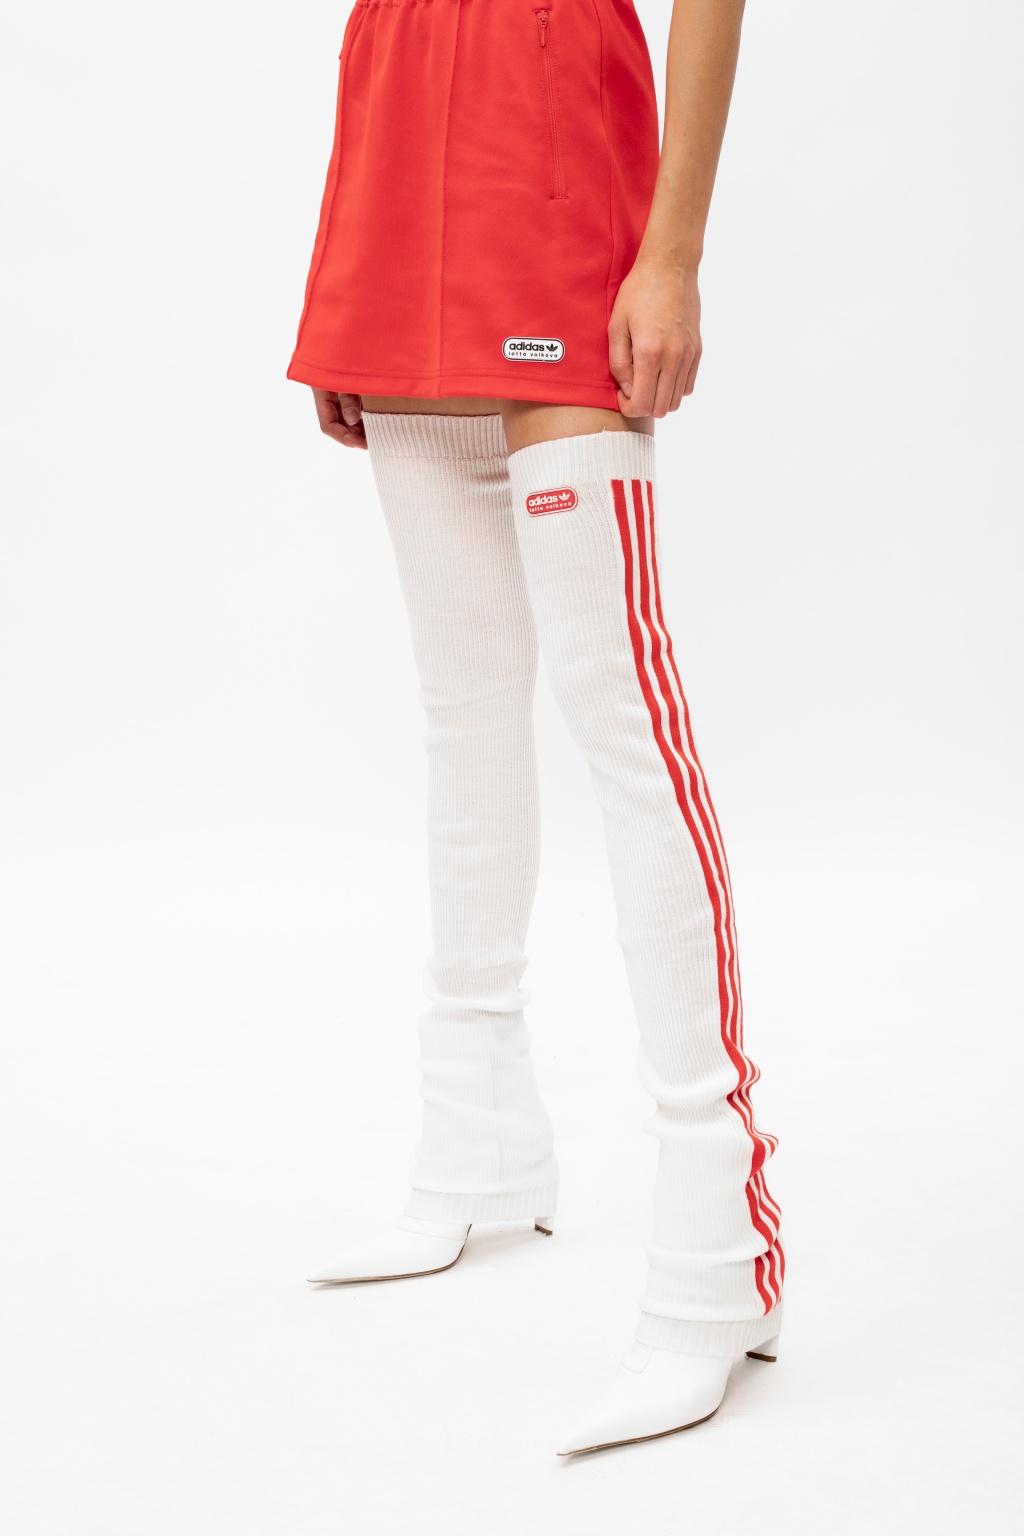 Adidas Originals X Lotta Volkova Adidas Originals Vitkac Us